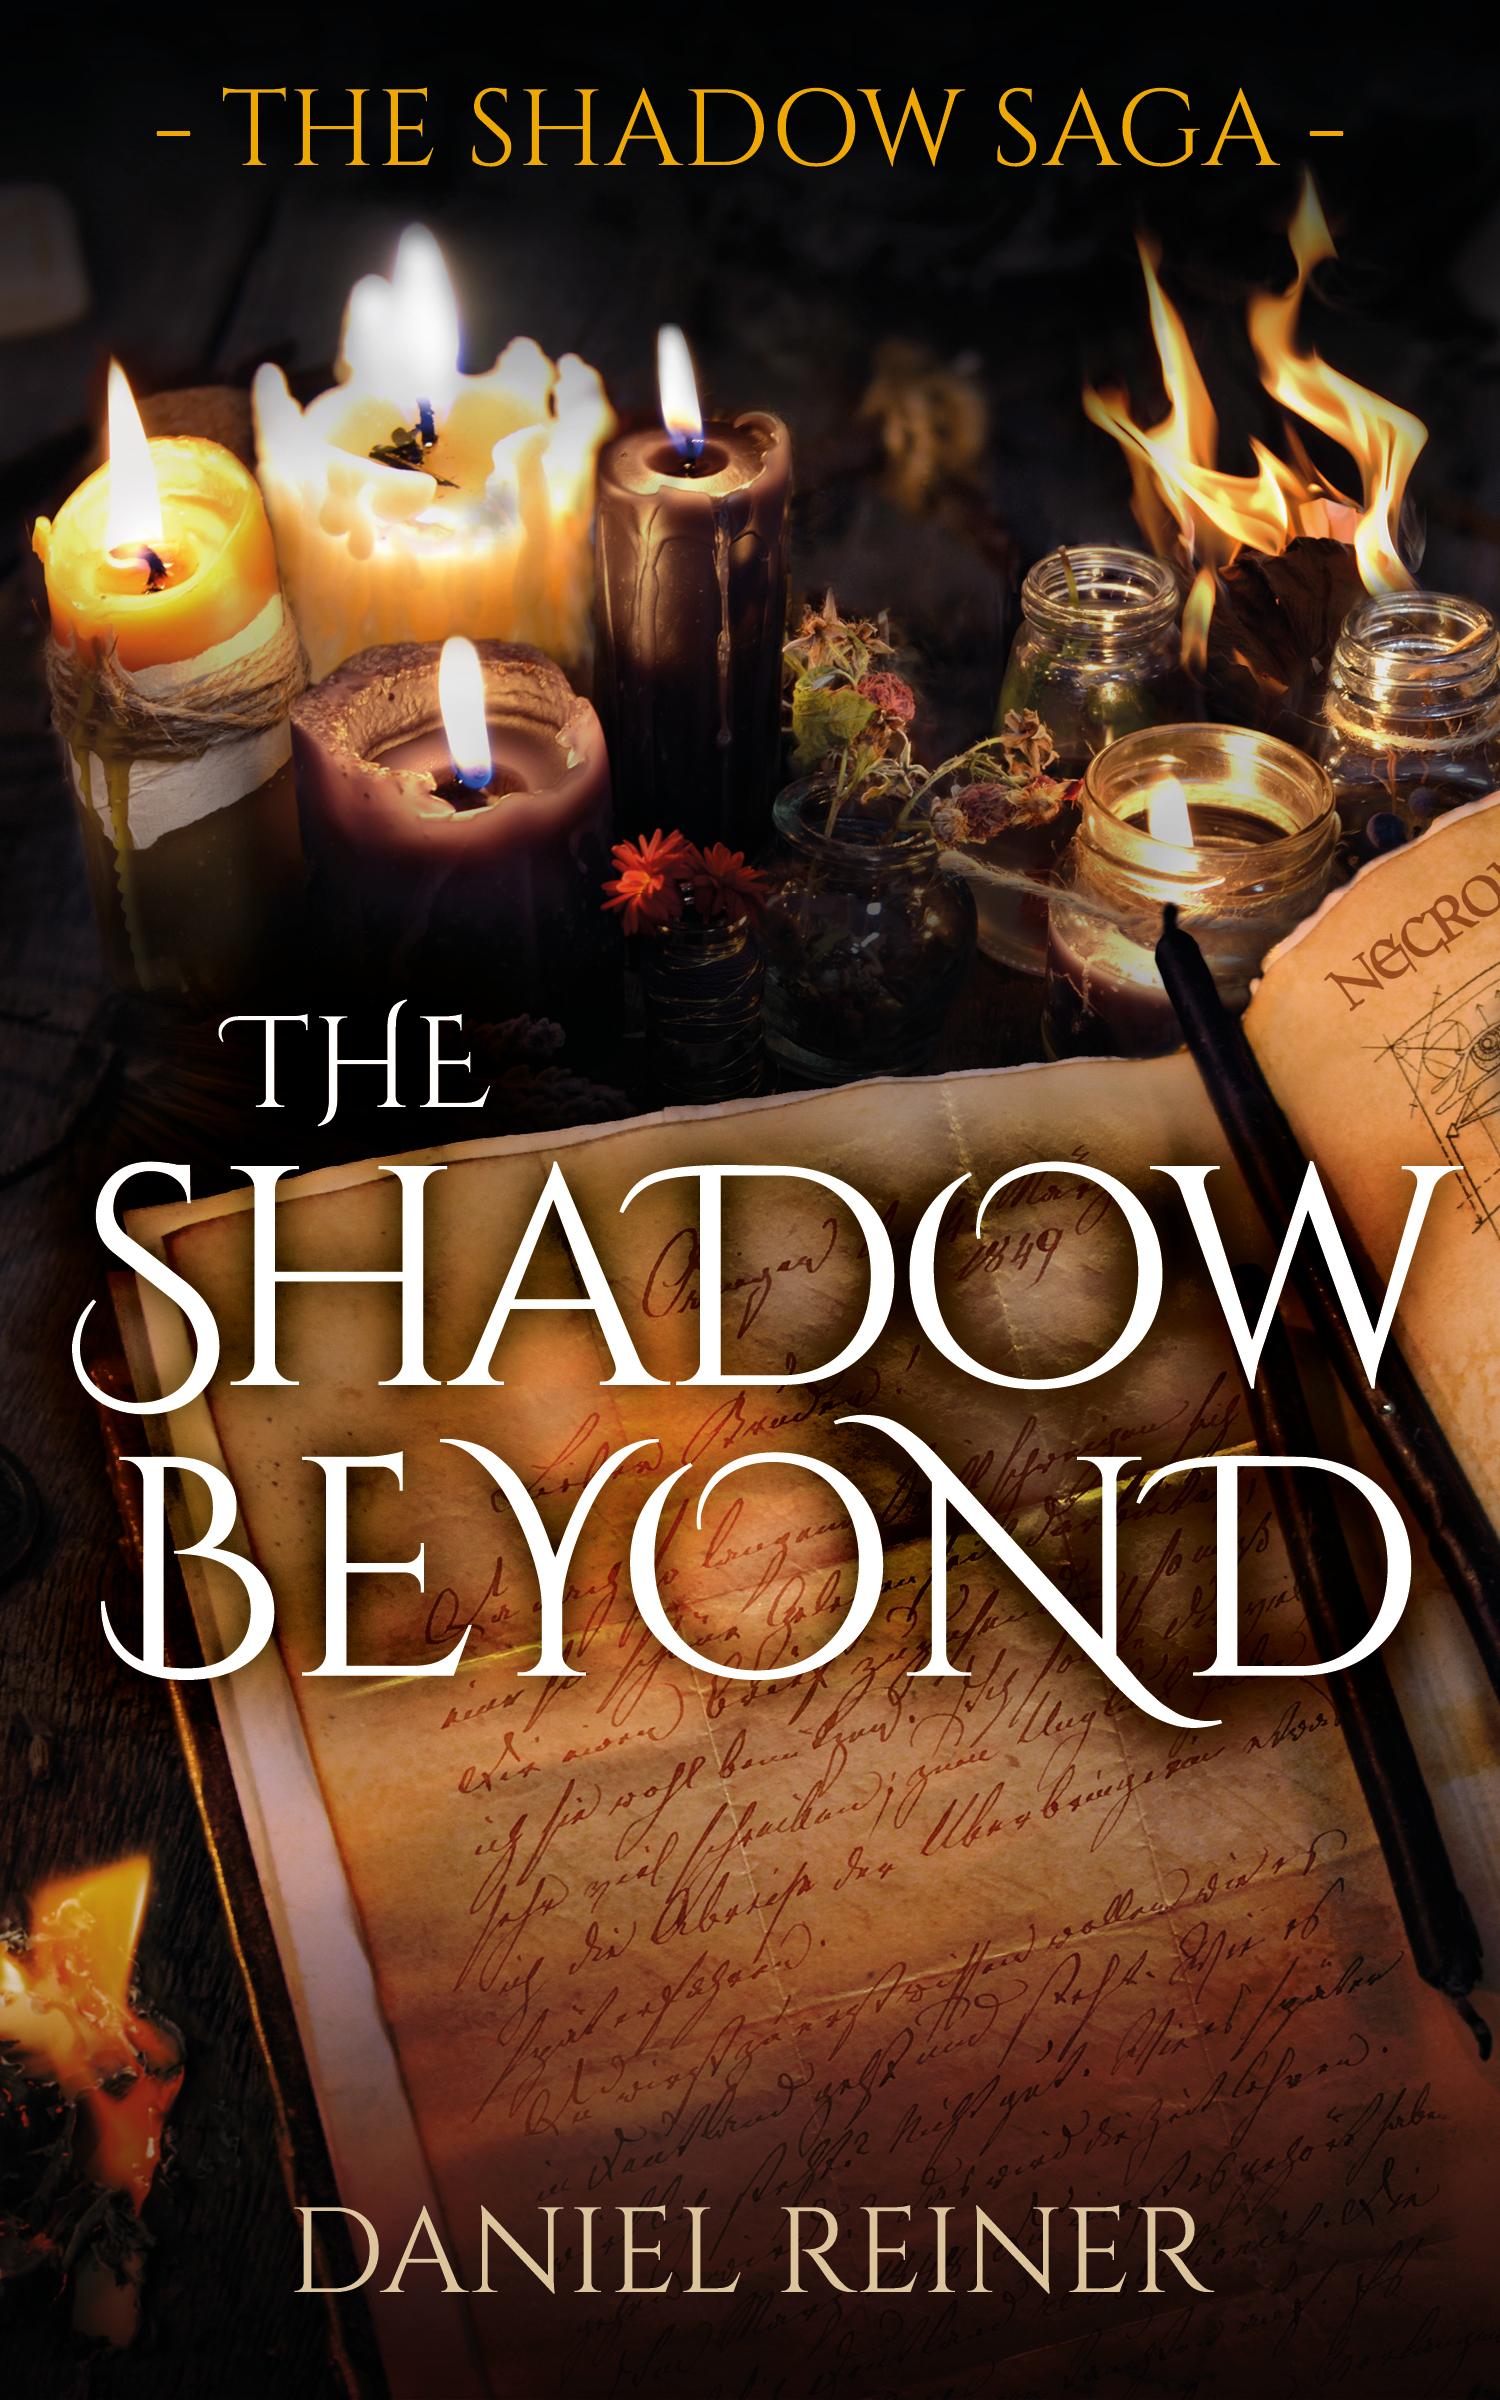 The Shadow Beyond - Ebook.jpg